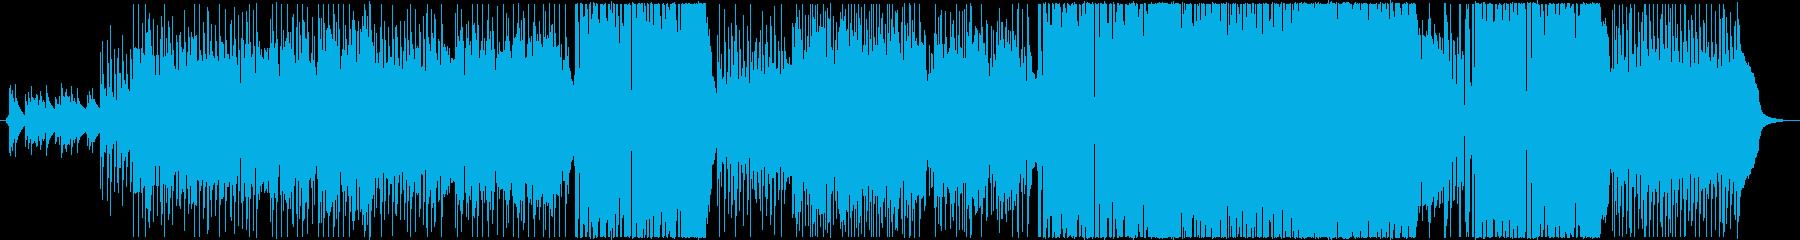 黒魔術のフロマージュの再生済みの波形